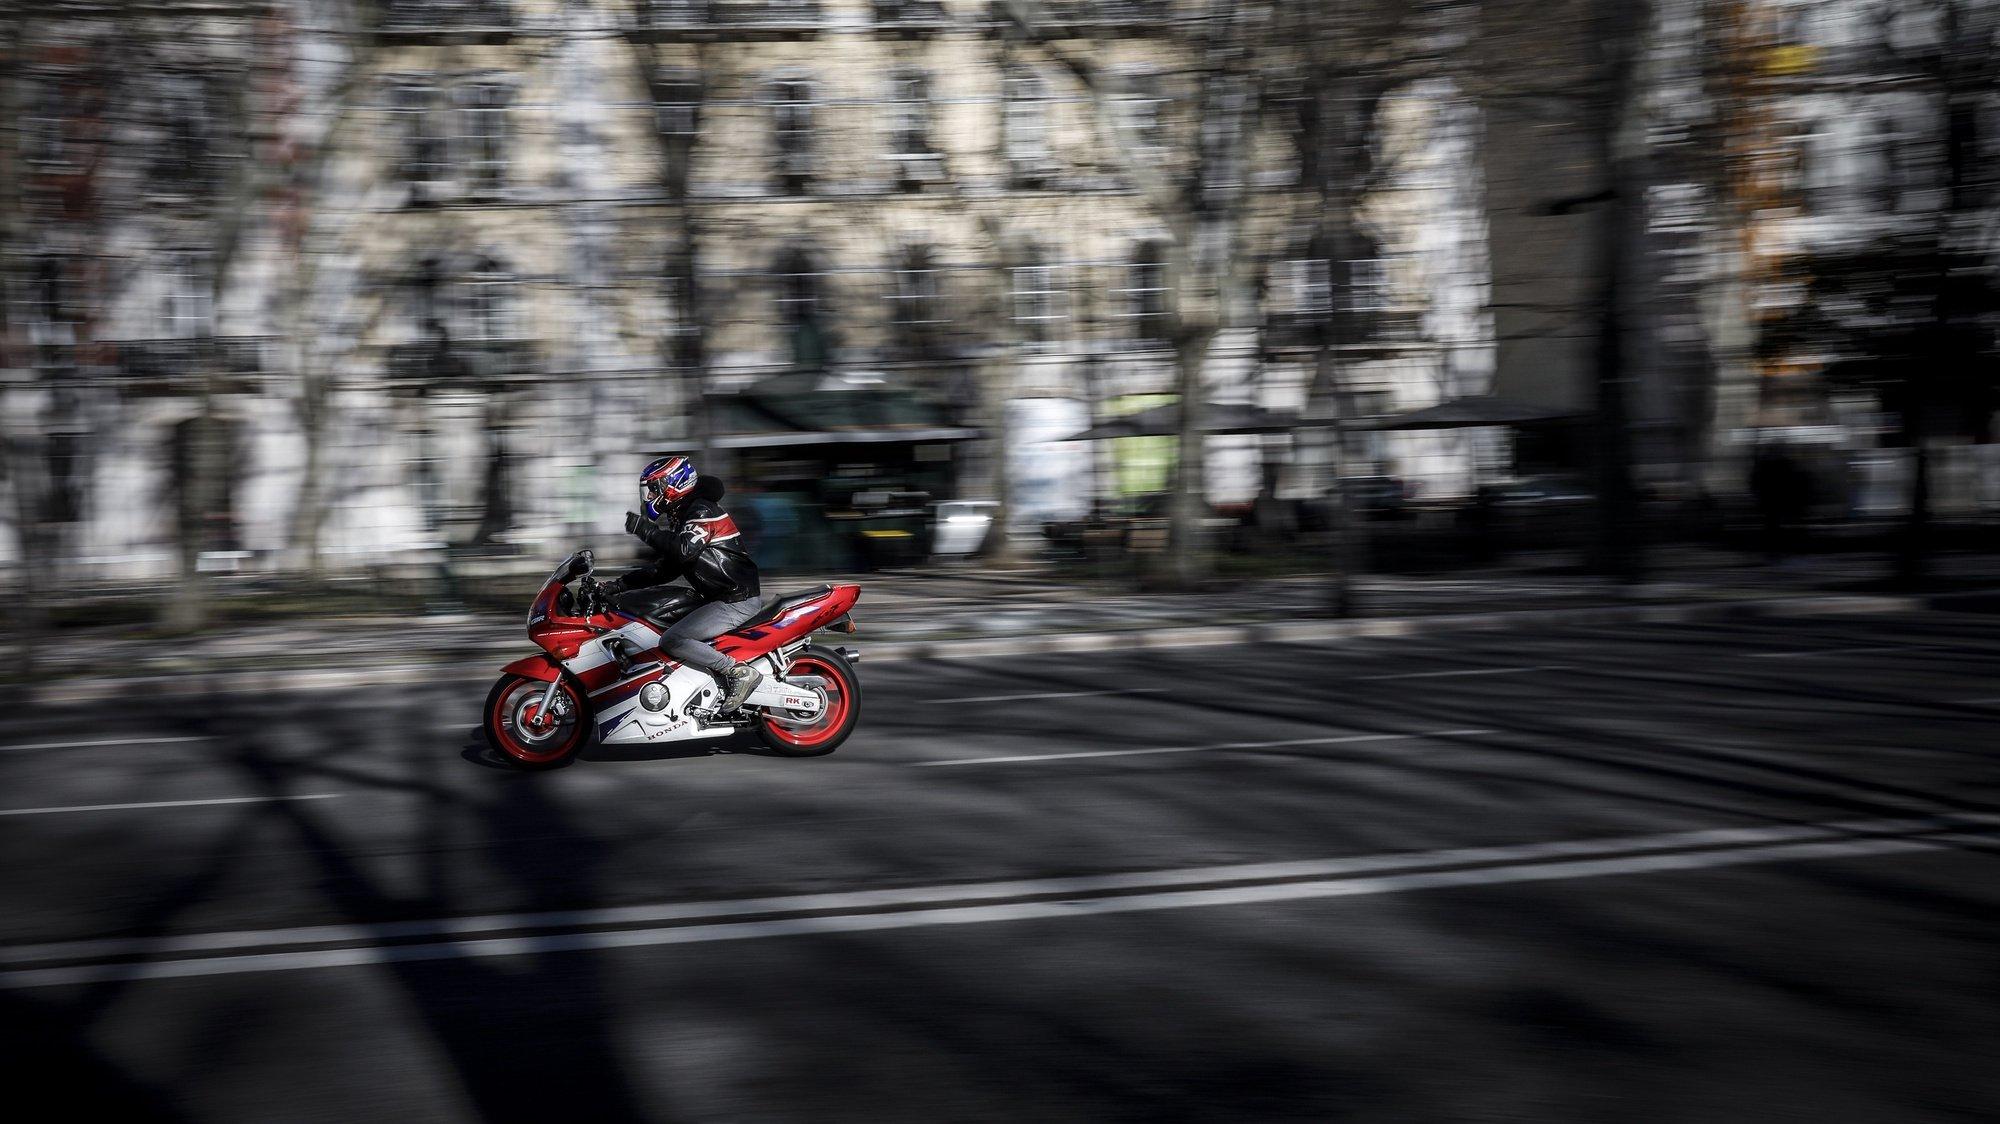 Motociclistas de várias localidades do país protestam durante a manifestação organizada pelo GAM - Grupo Acção Motociclista, pela criação de uma classe de portagens para motociclos e revisão dos escalões de IUC - Imposto Único de Circulação, em Lisboa, 3 de fevereiro de 2019. RODRIGO ANTUNES/LUSA